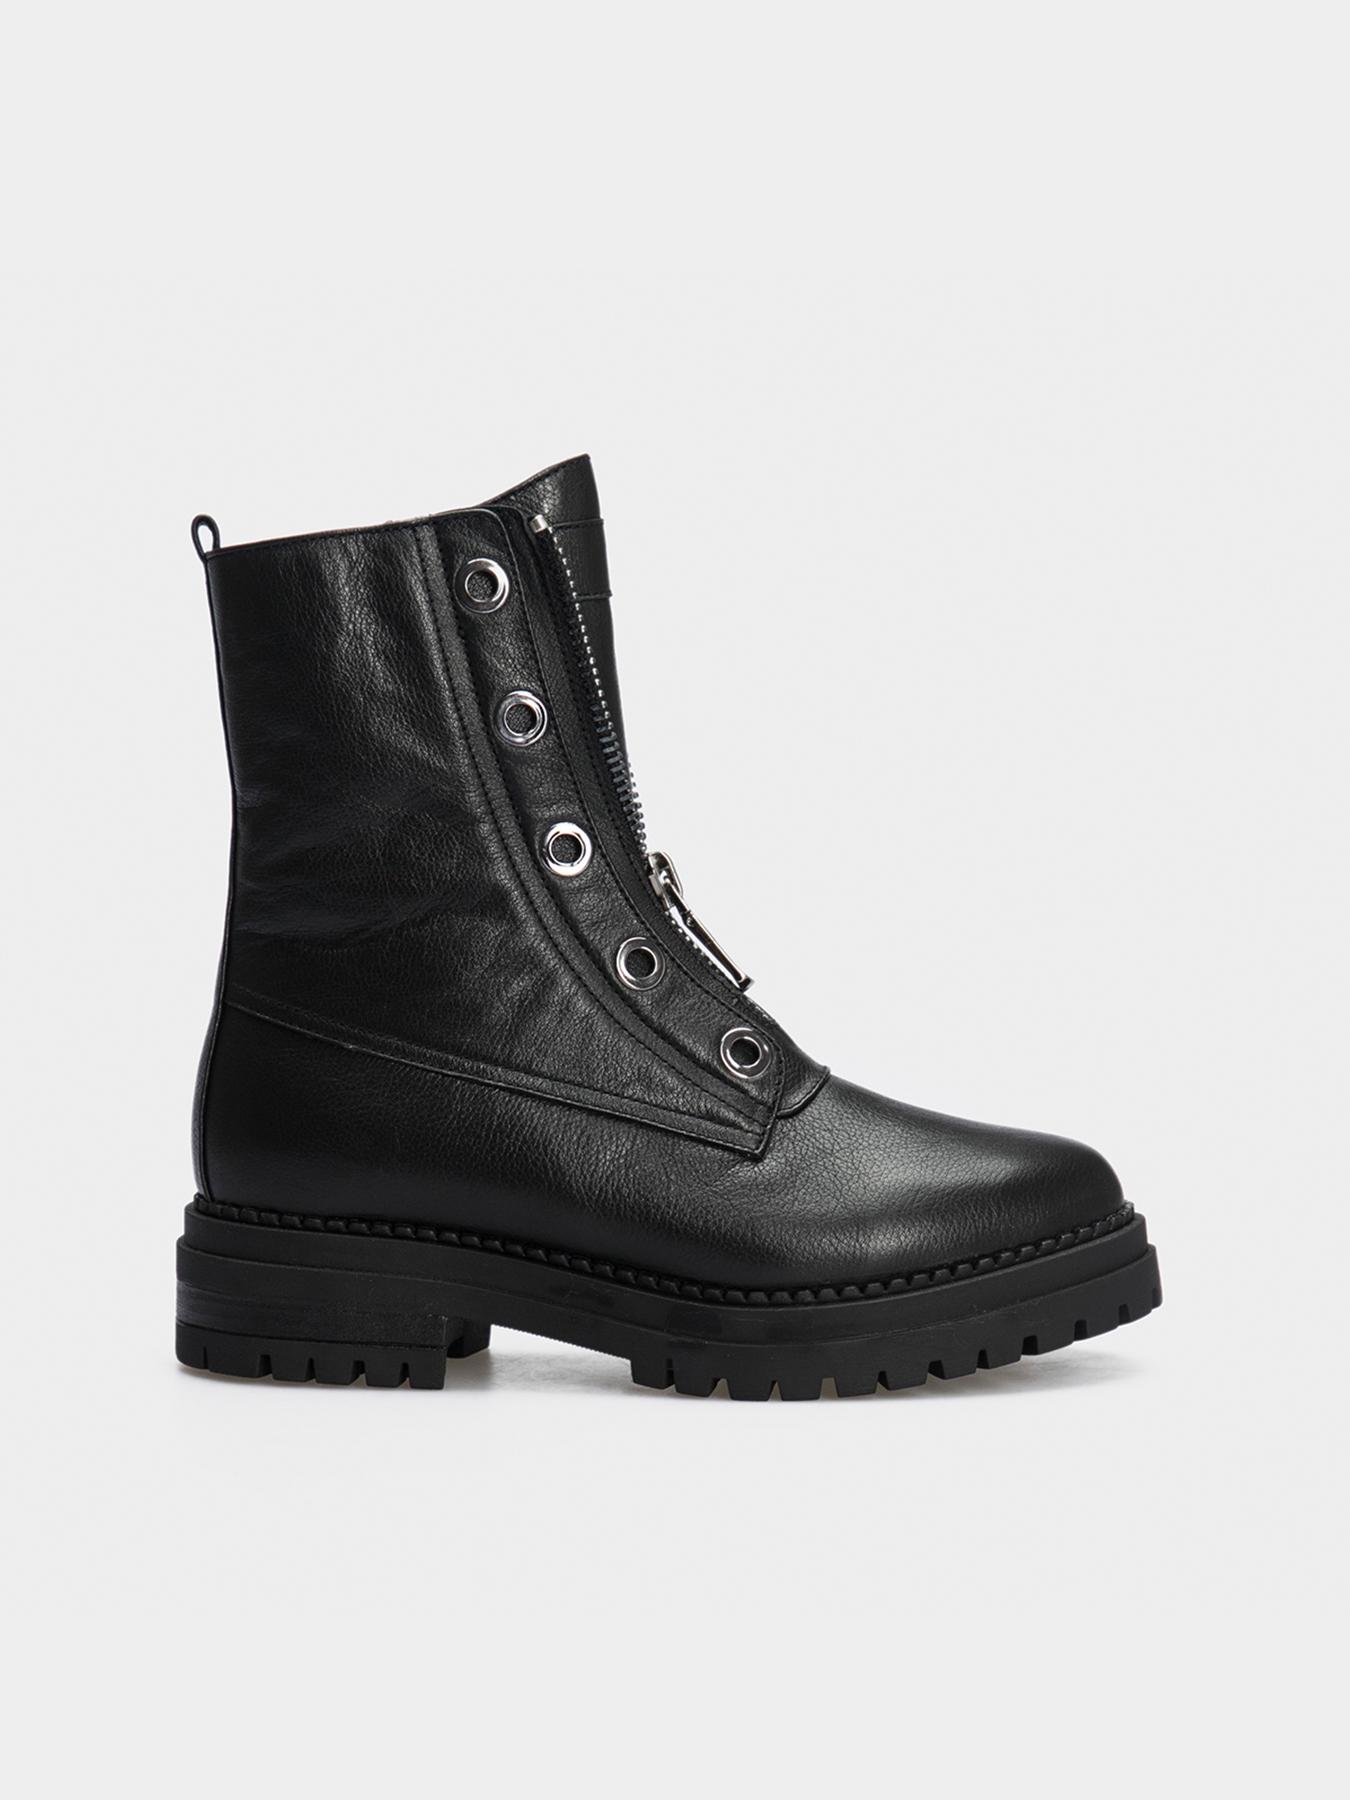 Ботинки женские Gem 1533-1-030